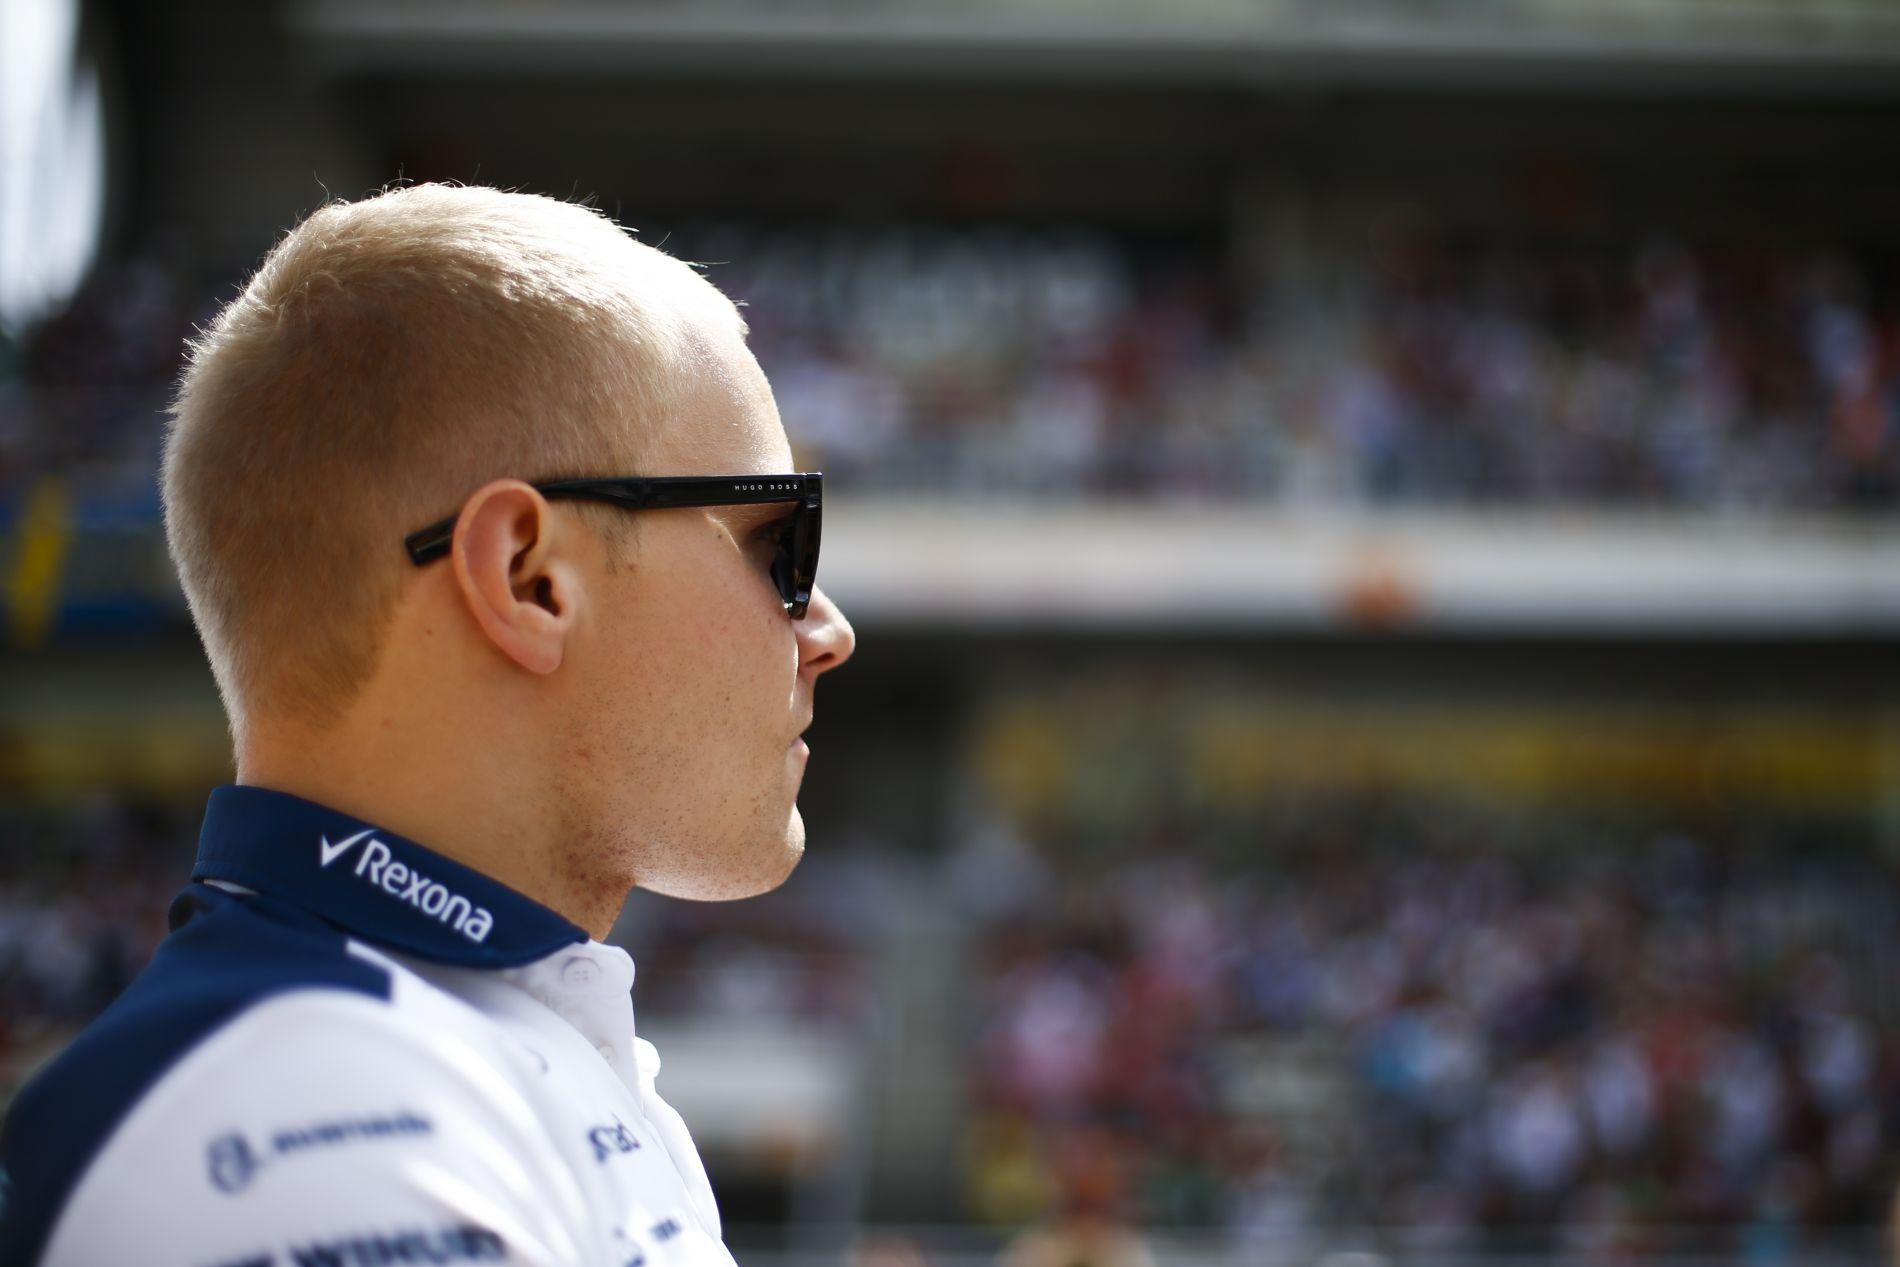 Raikkonen hosszabbítása nincs hatással Bottas ügyeire: egyszer bejelent valamit majd a Williams is